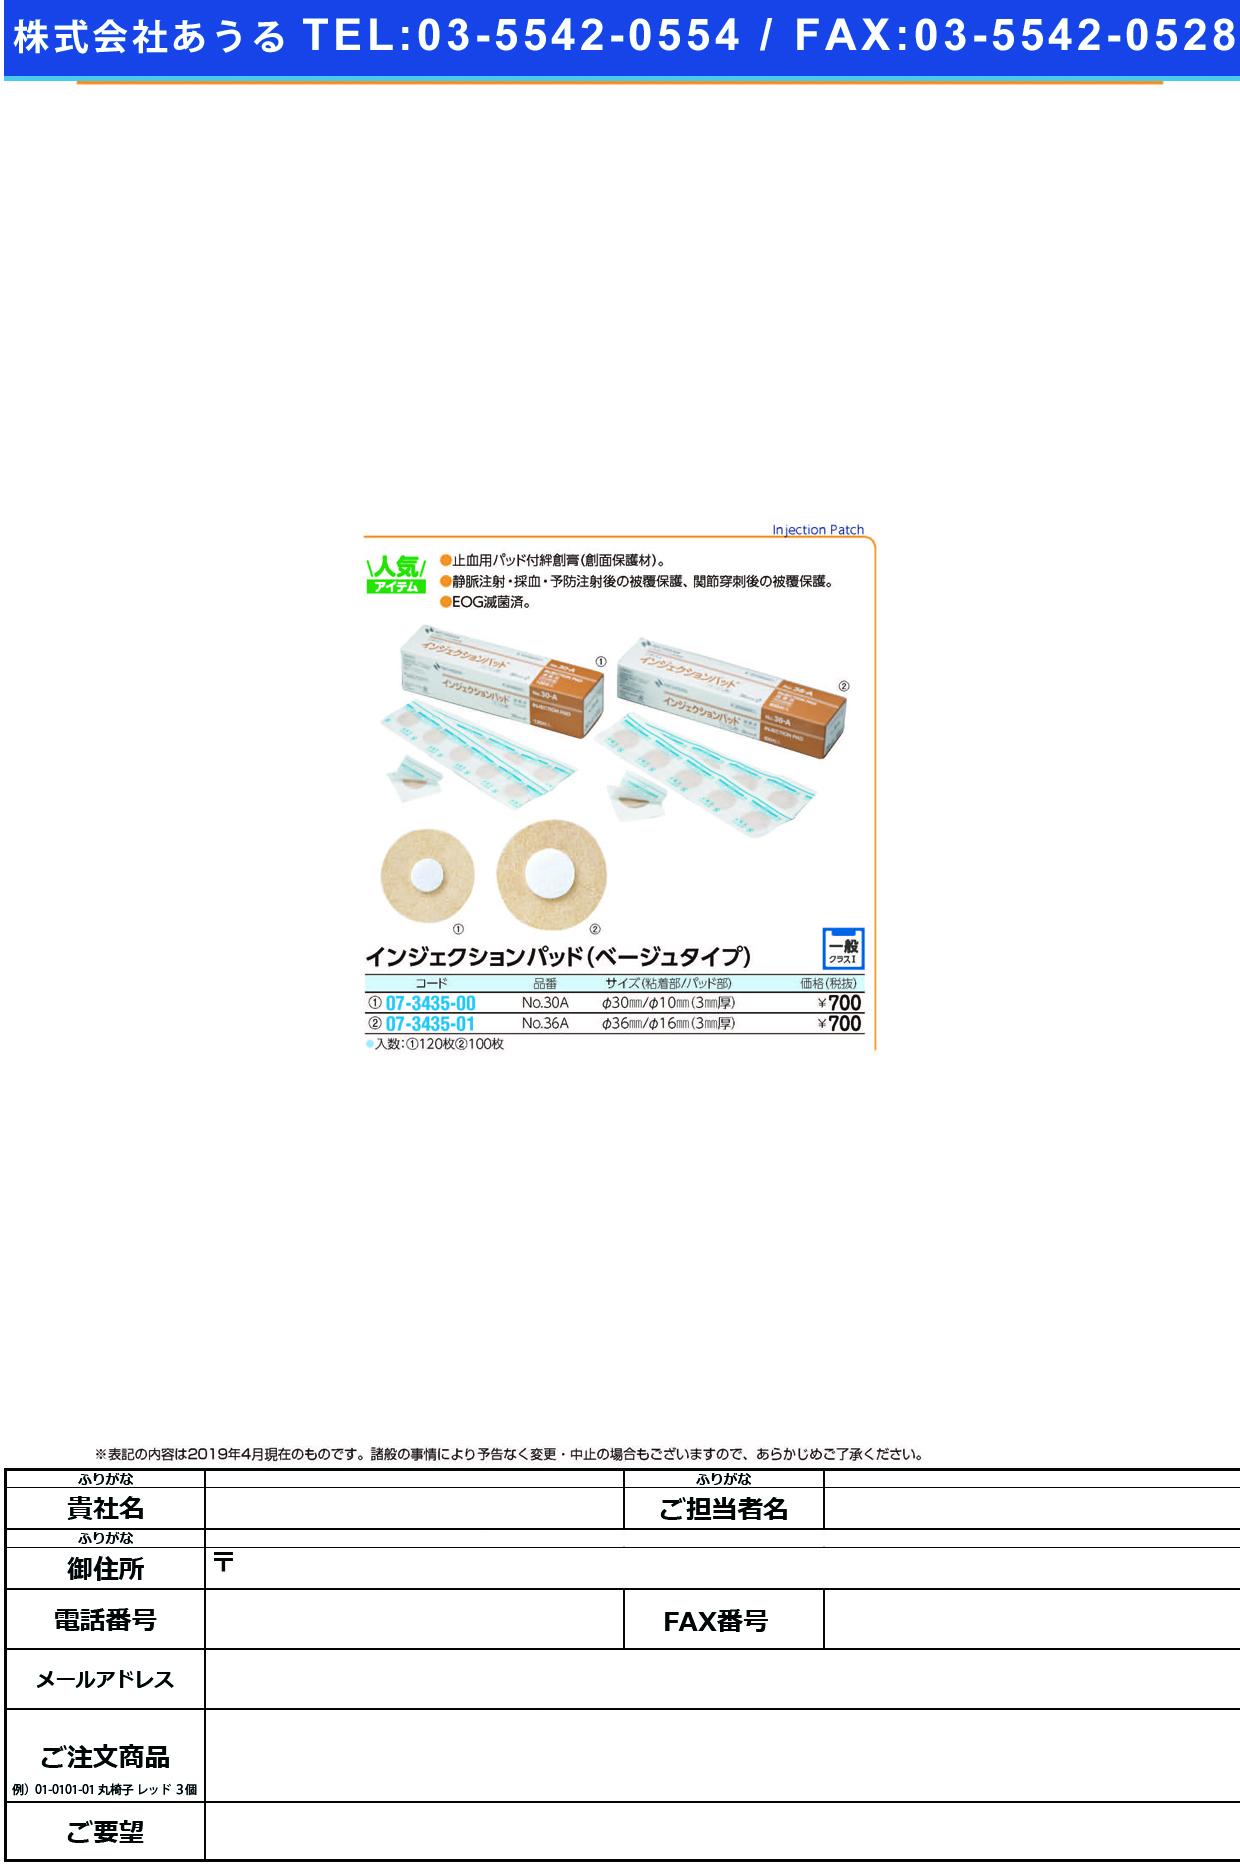 (07-3435-01)インジェクションパッドNo.36A IJP36A(ベージュ)100マイ インジェクションパッド(ニチバン)【1箱単位】【2019年カタログ商品】